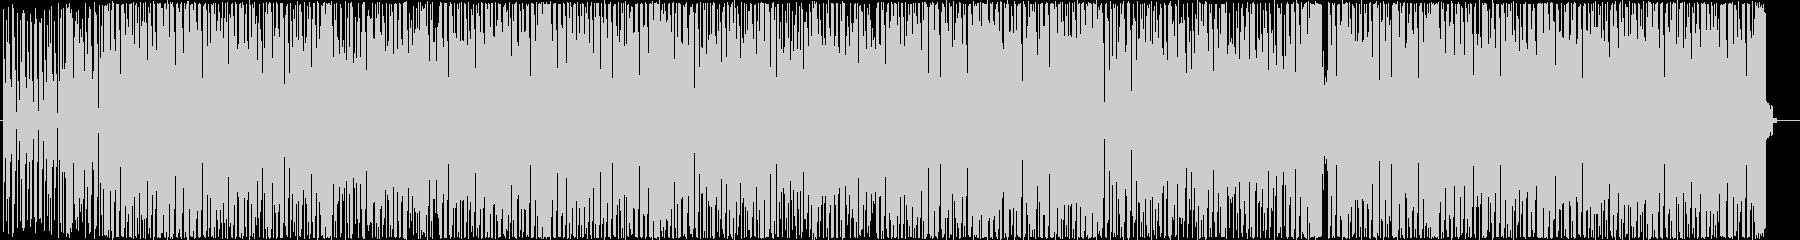 洋楽、80s洋楽系ファンクトラック の未再生の波形